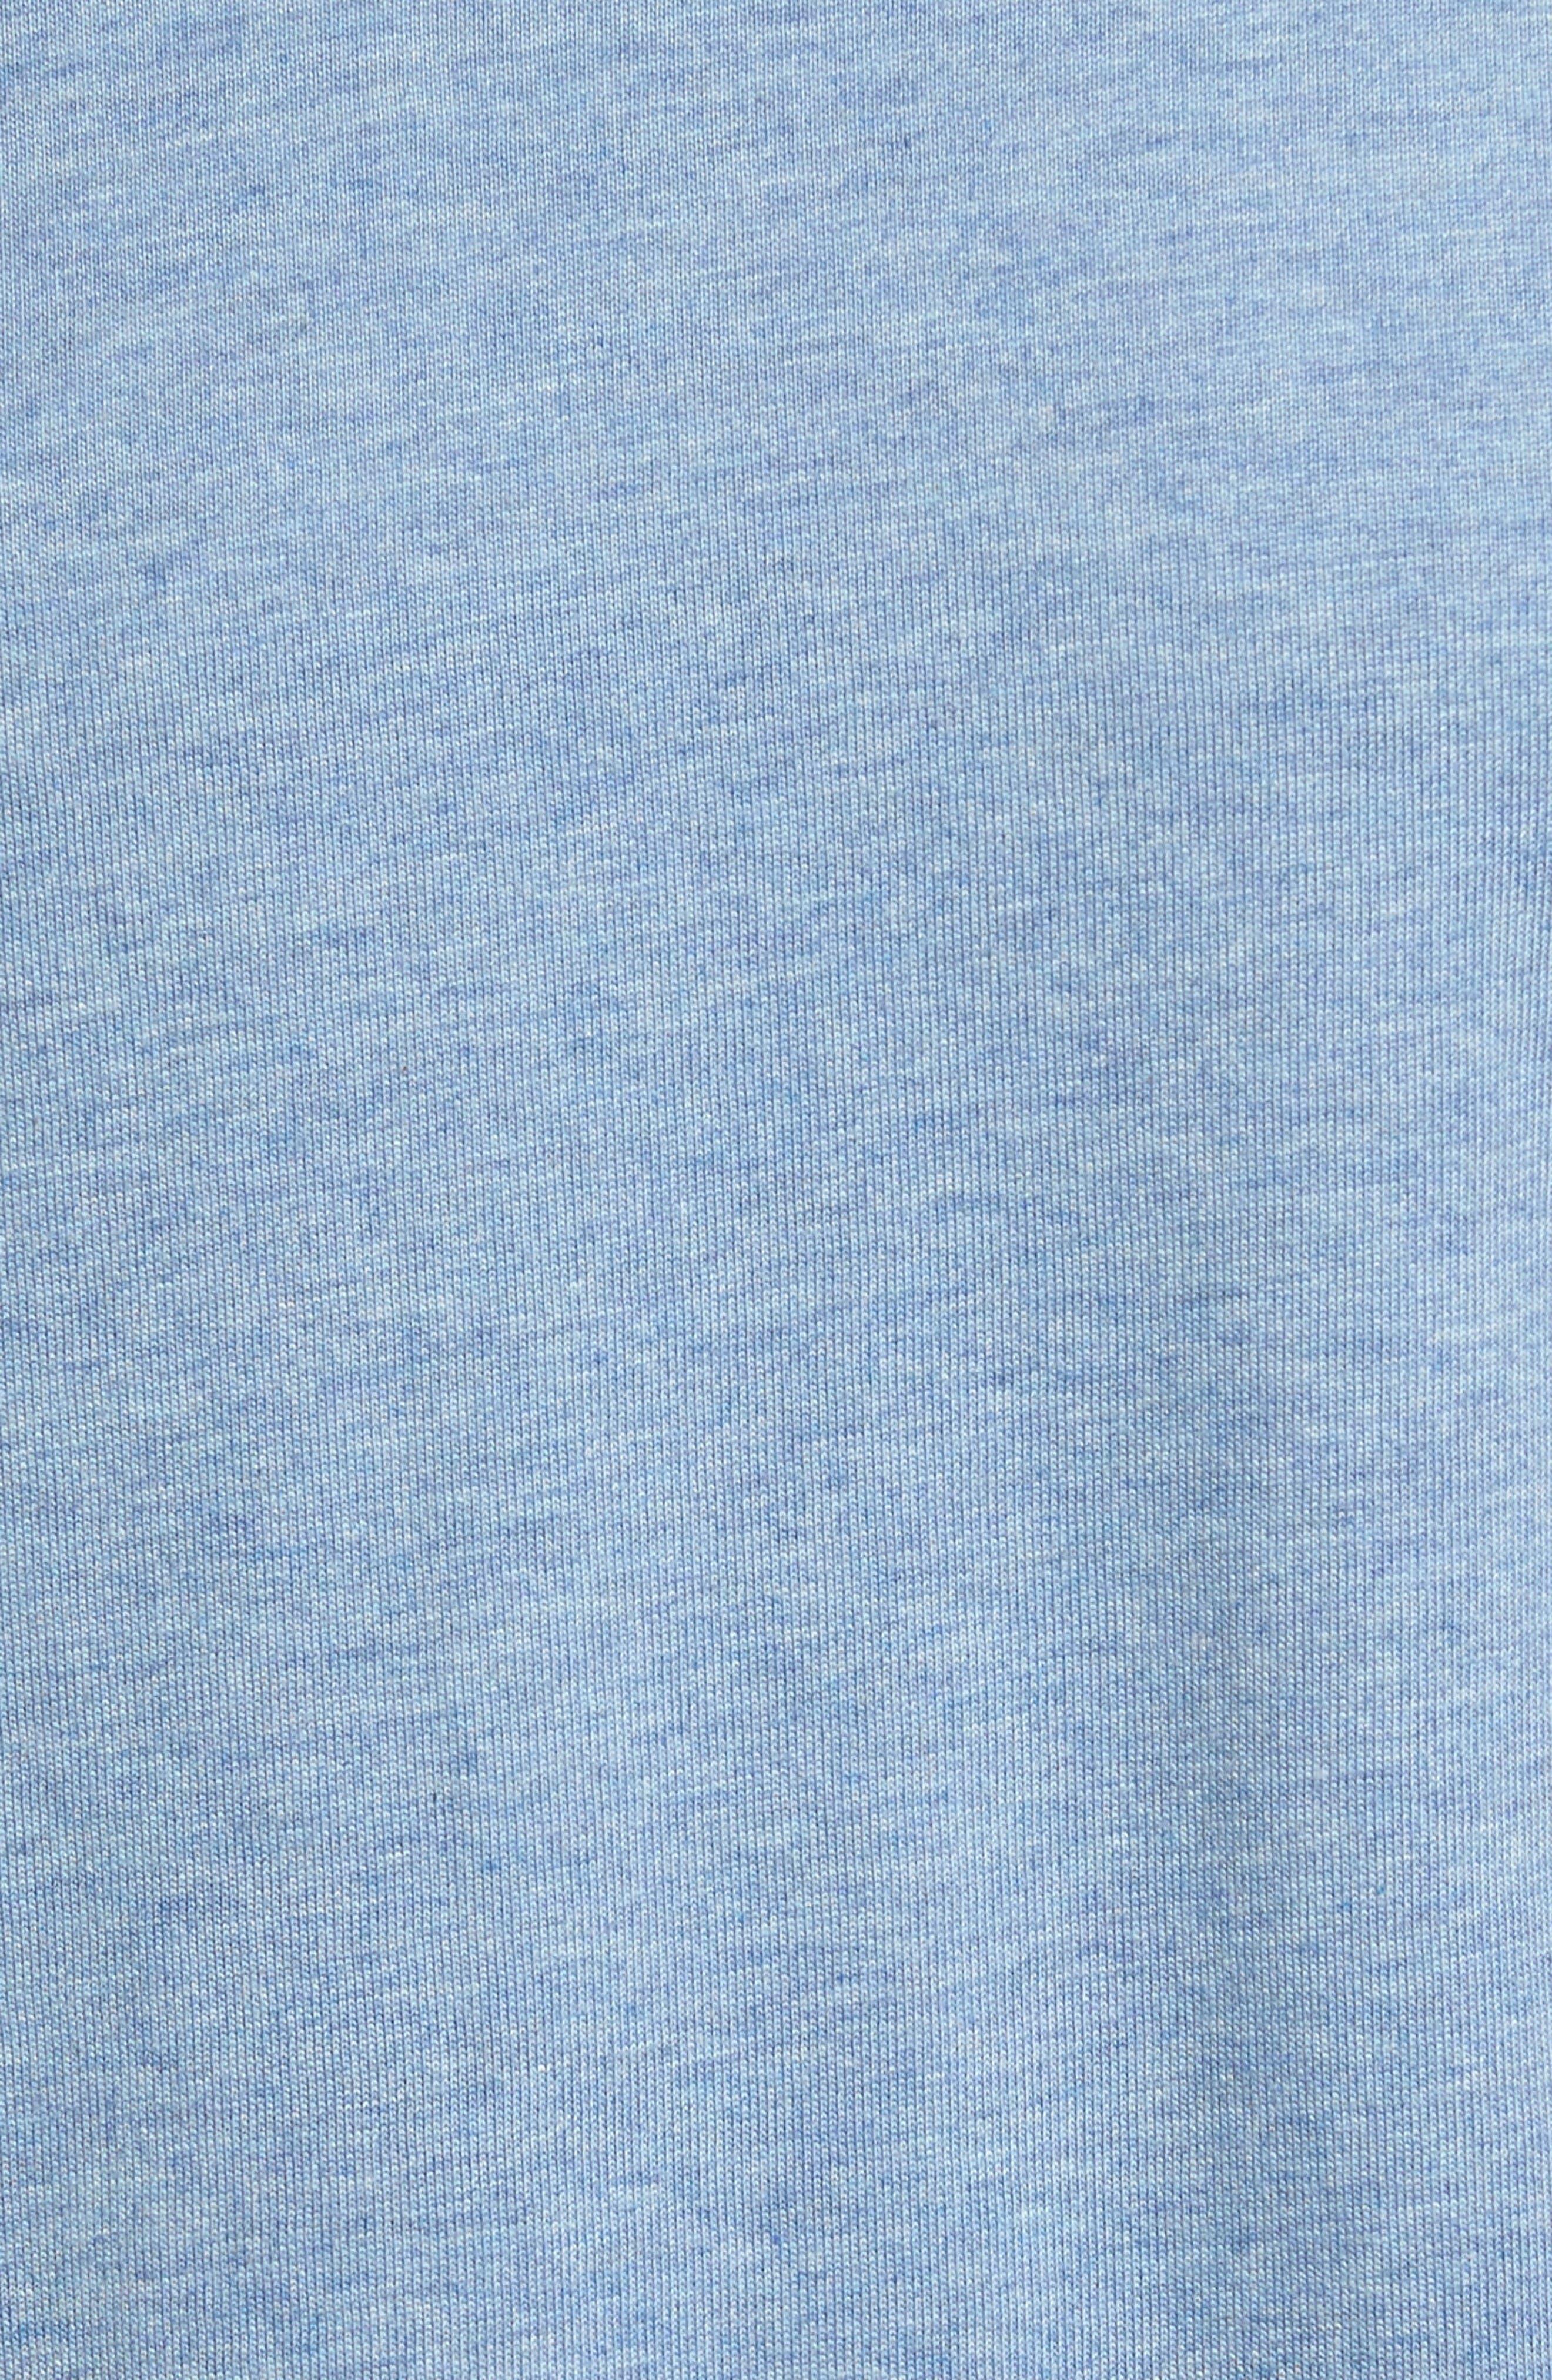 Crewneck Cotton & Modal T-Shirt,                             Alternate thumbnail 5, color,                             Blue Heather